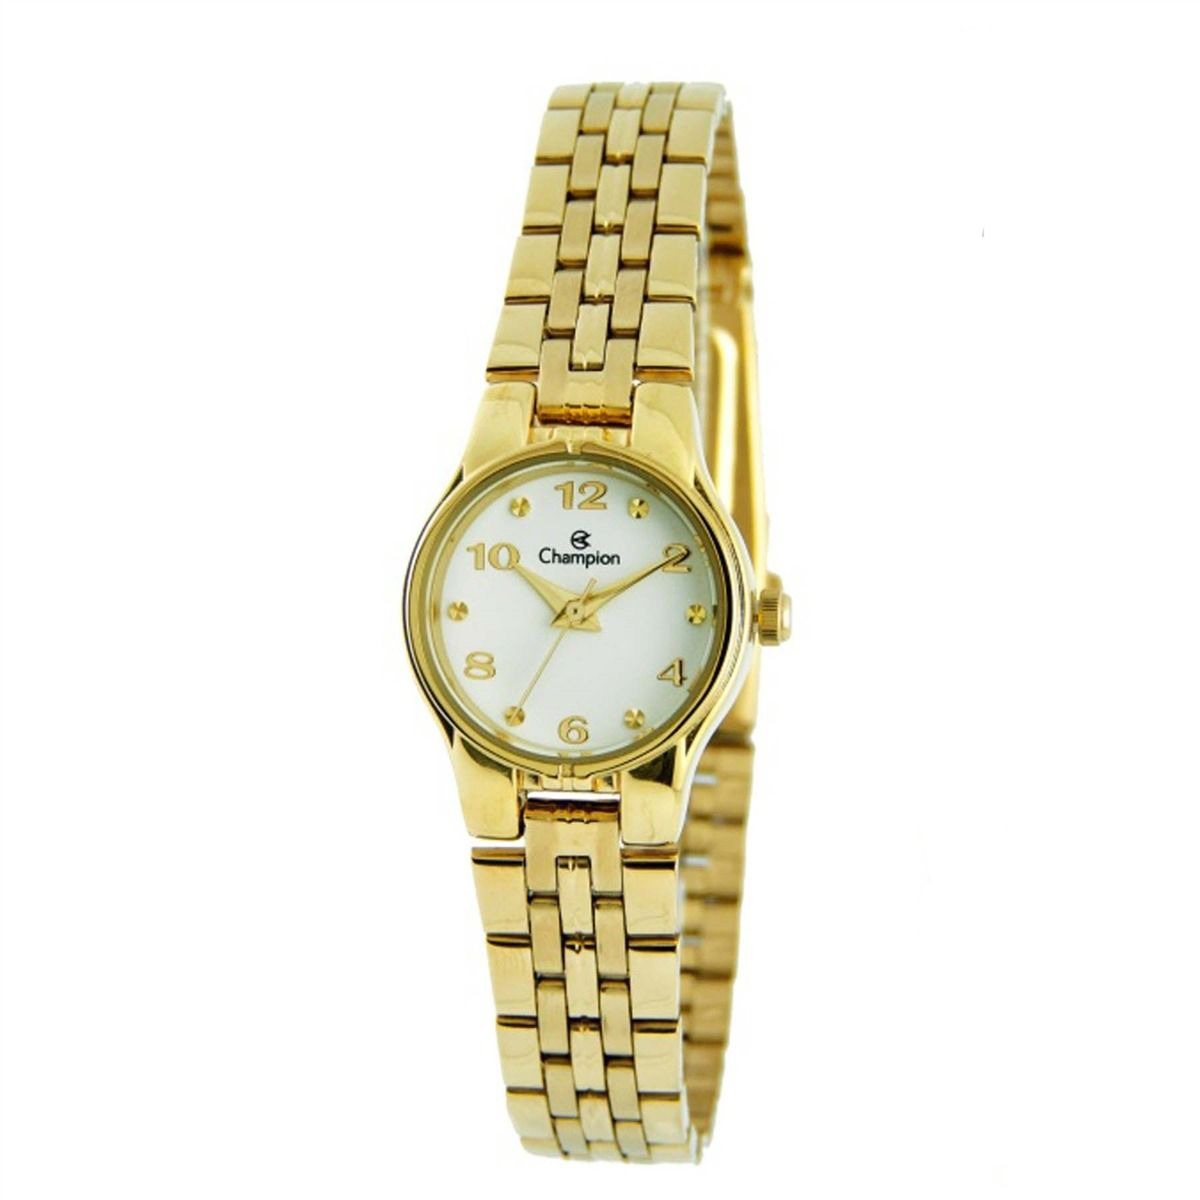 69bb895edc1 relógio feminino pequeno champion dourado ch25141h. Carregando zoom.